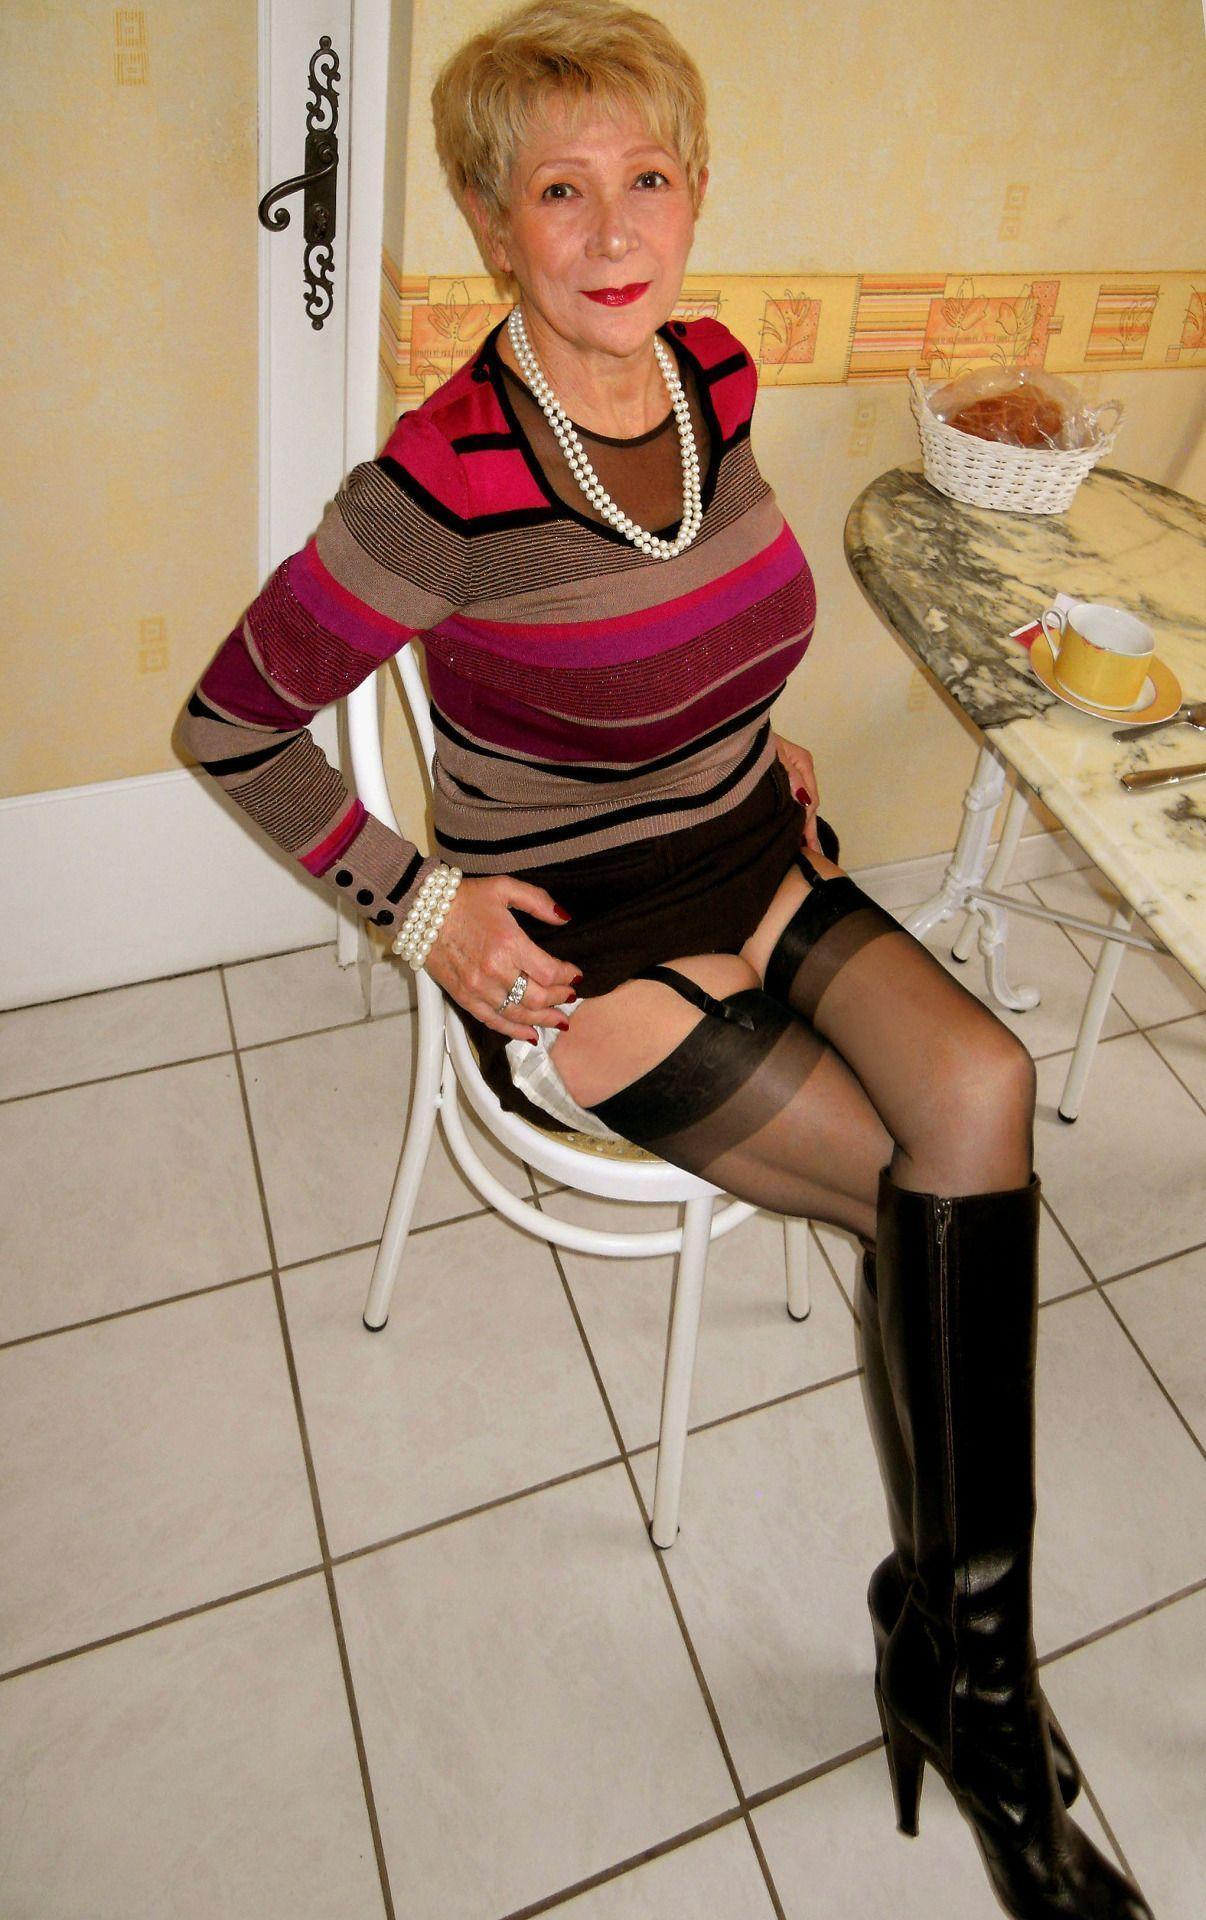 best of Ladies legs dancer Mature